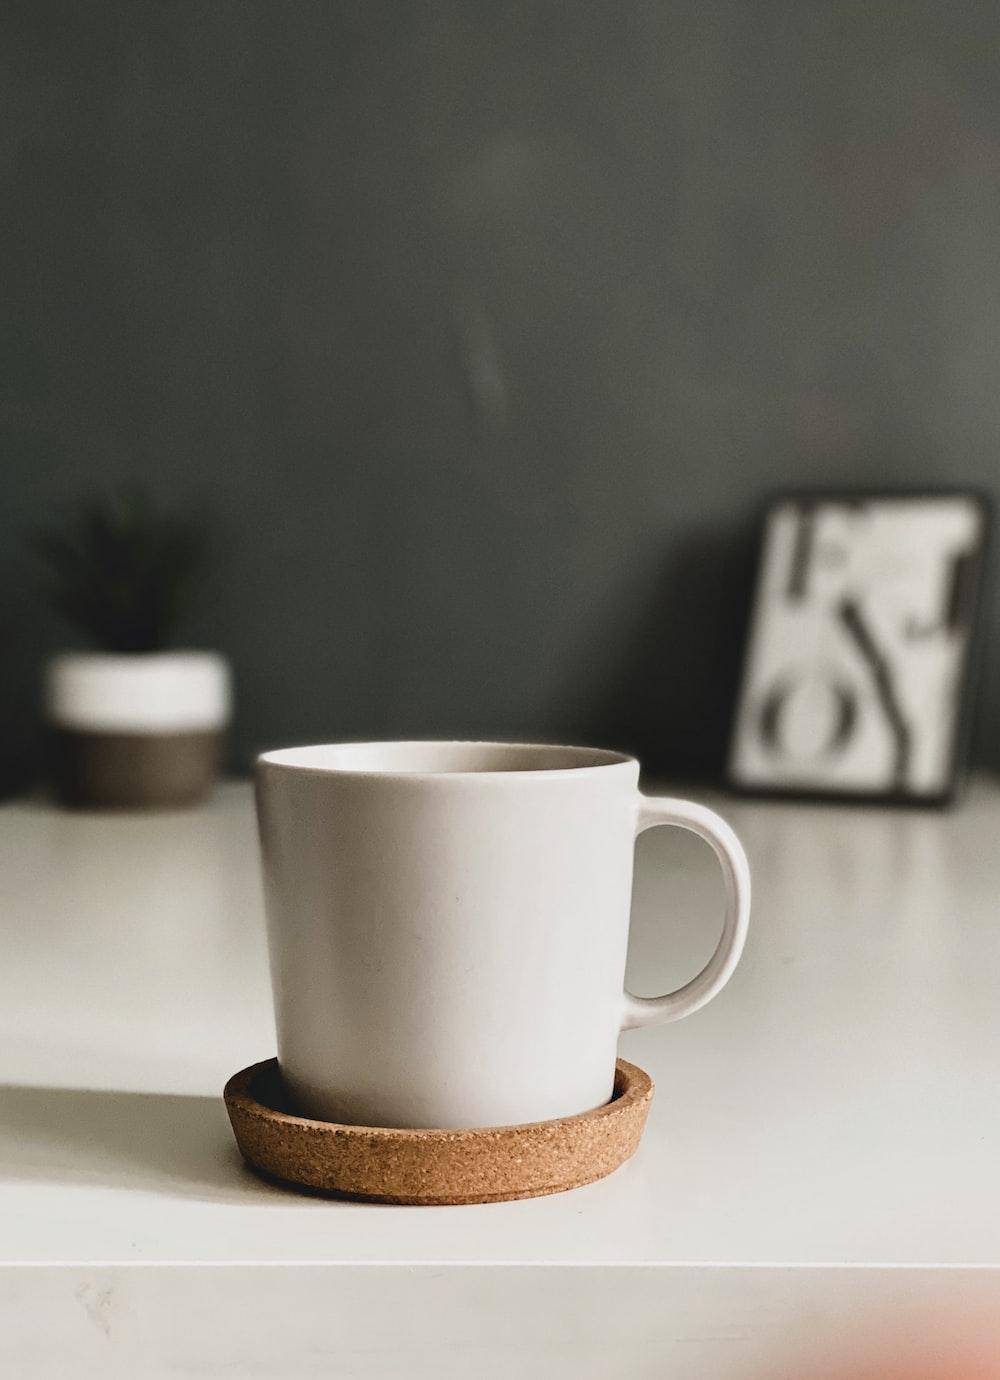 white ceramic mug on brown coaster